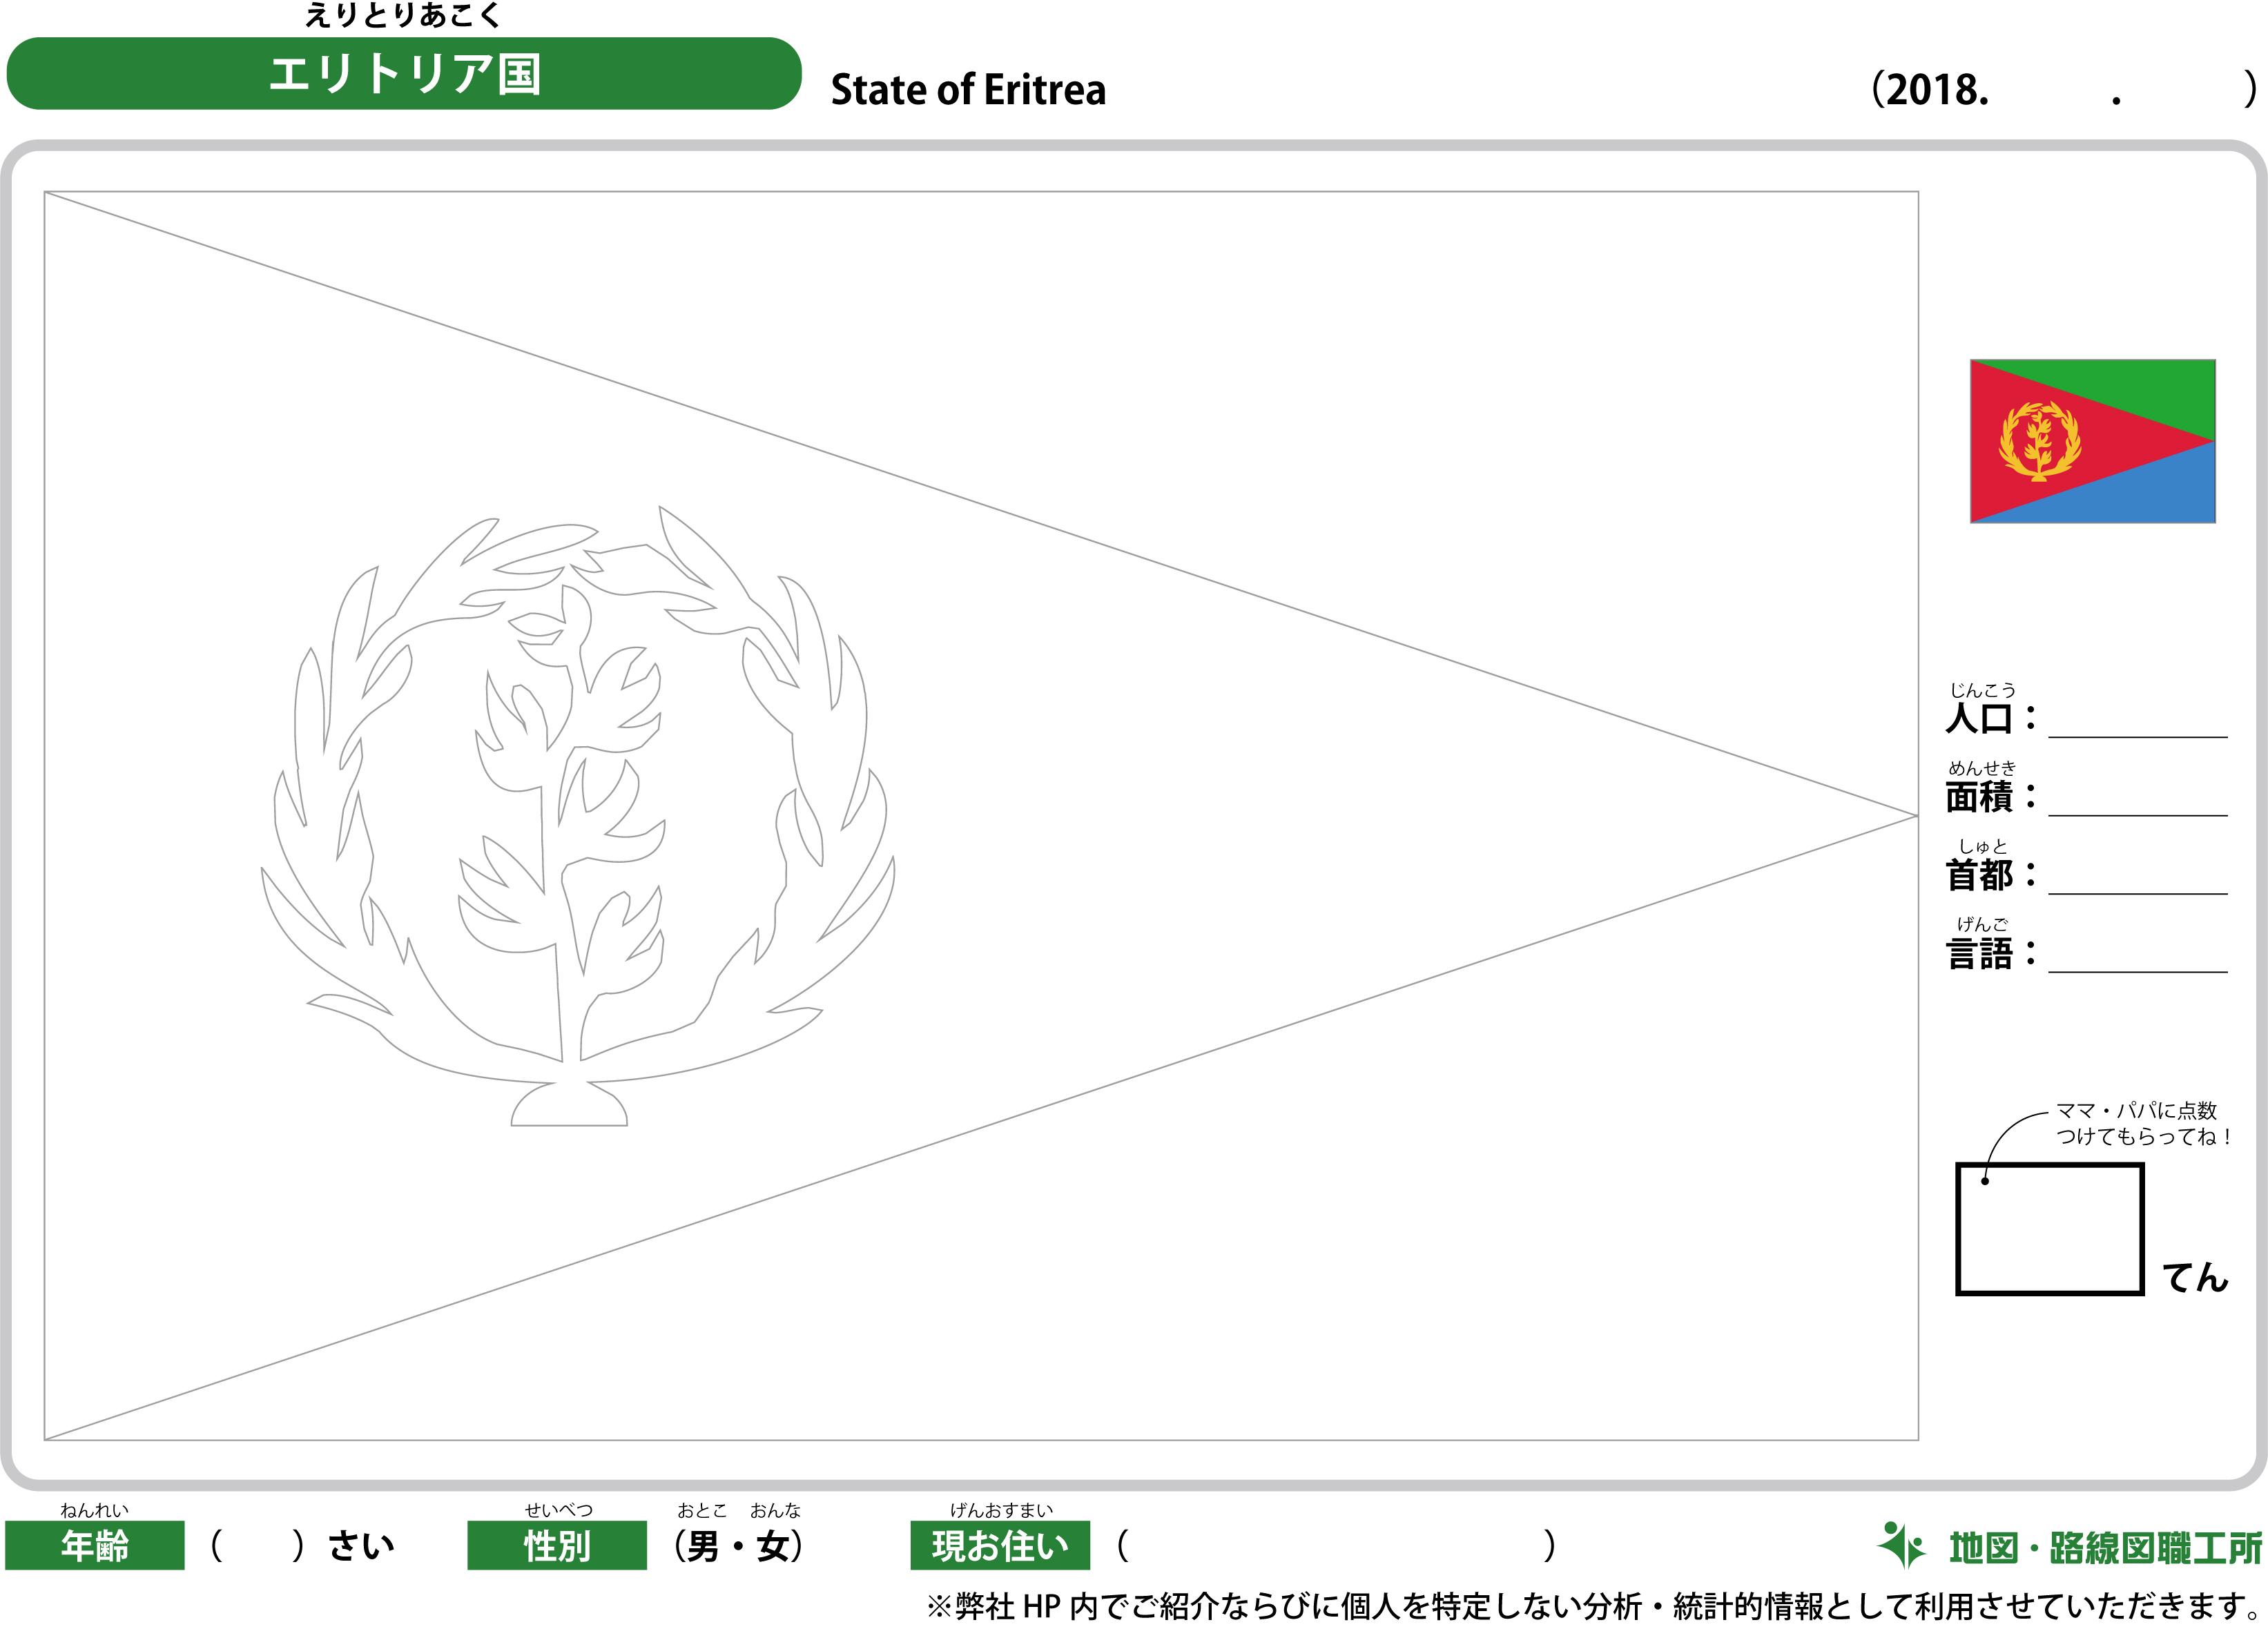 エリトリア国